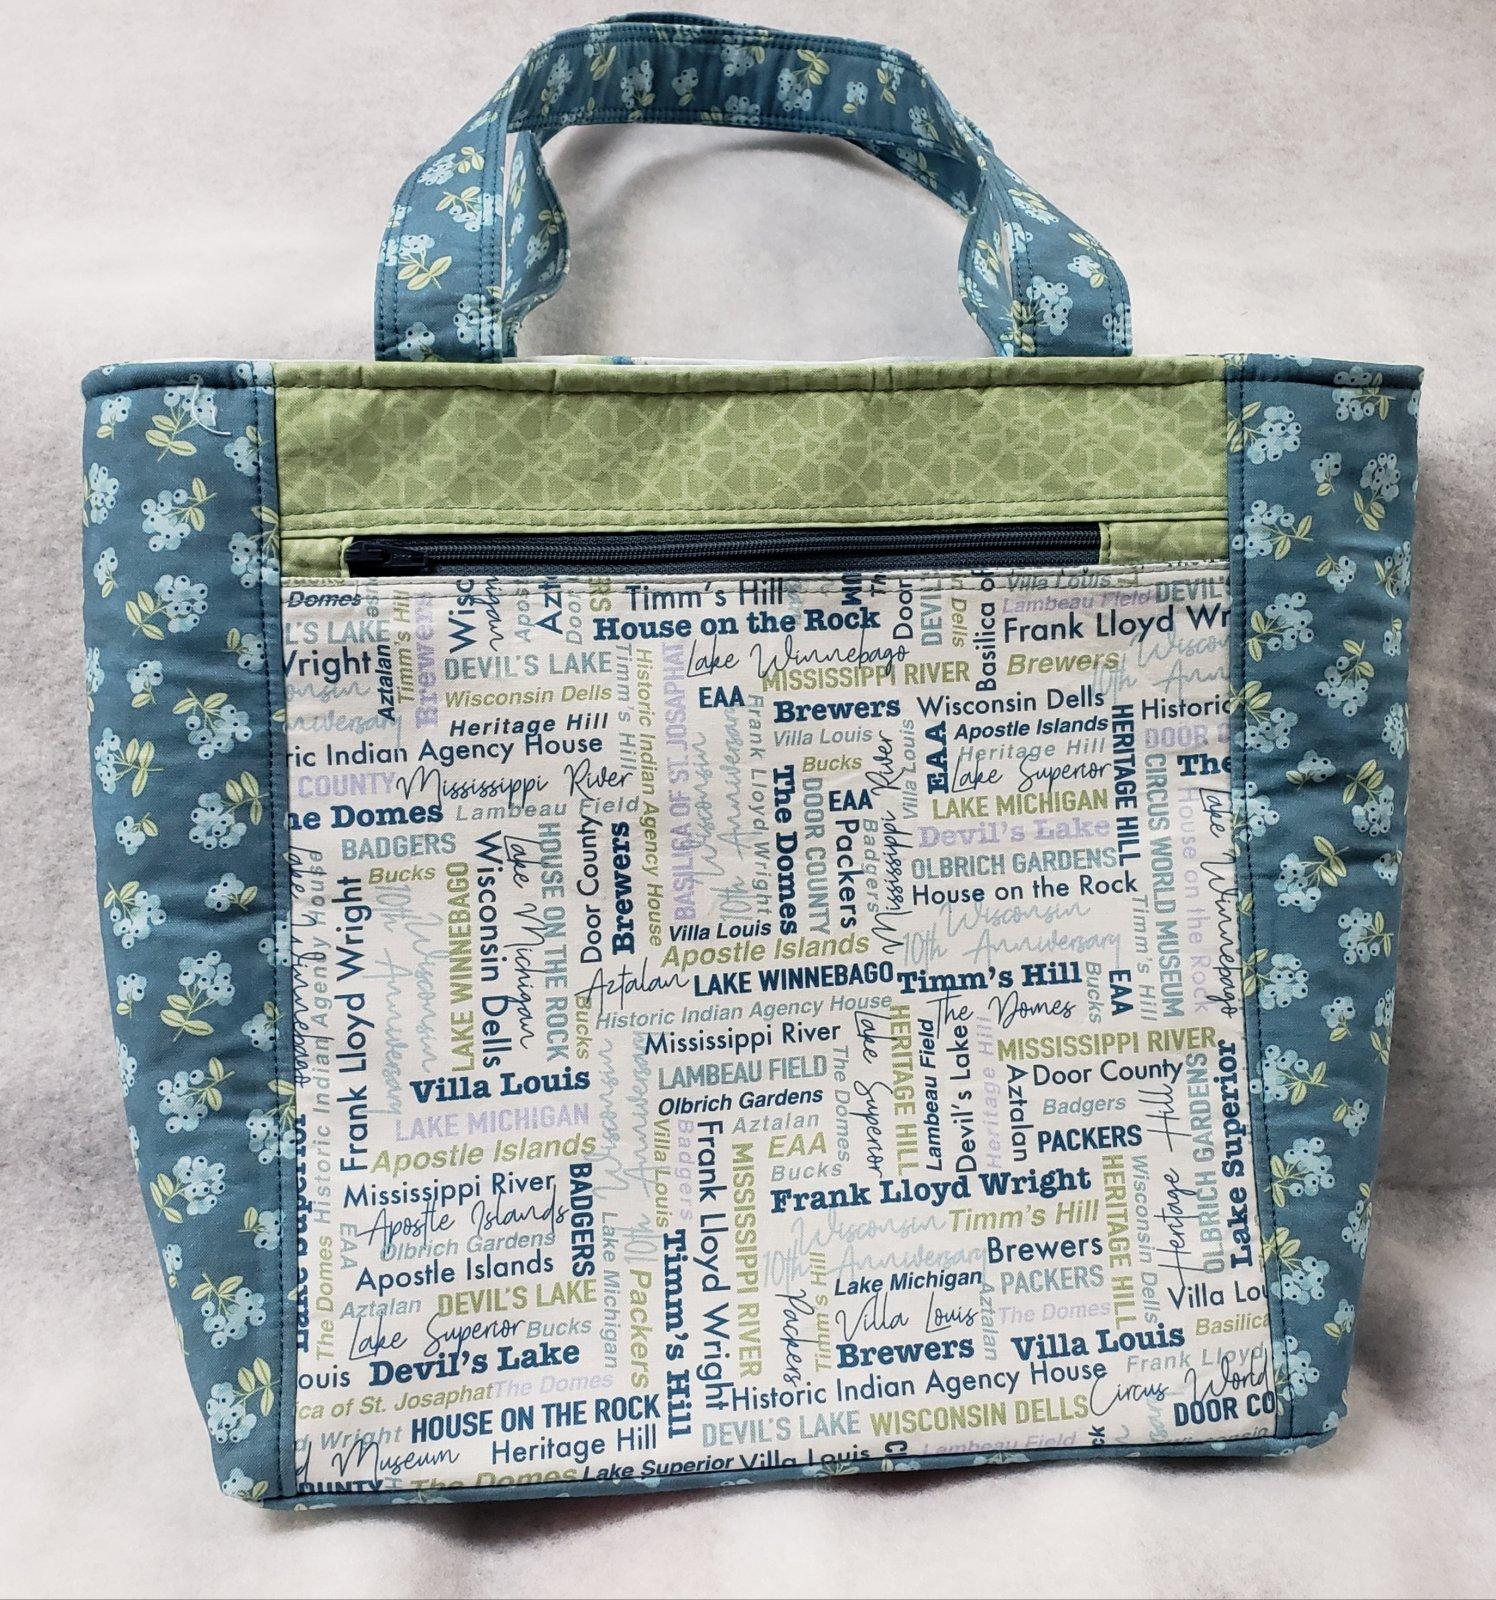 2021 WI Shop Hop Hanalei Handbag